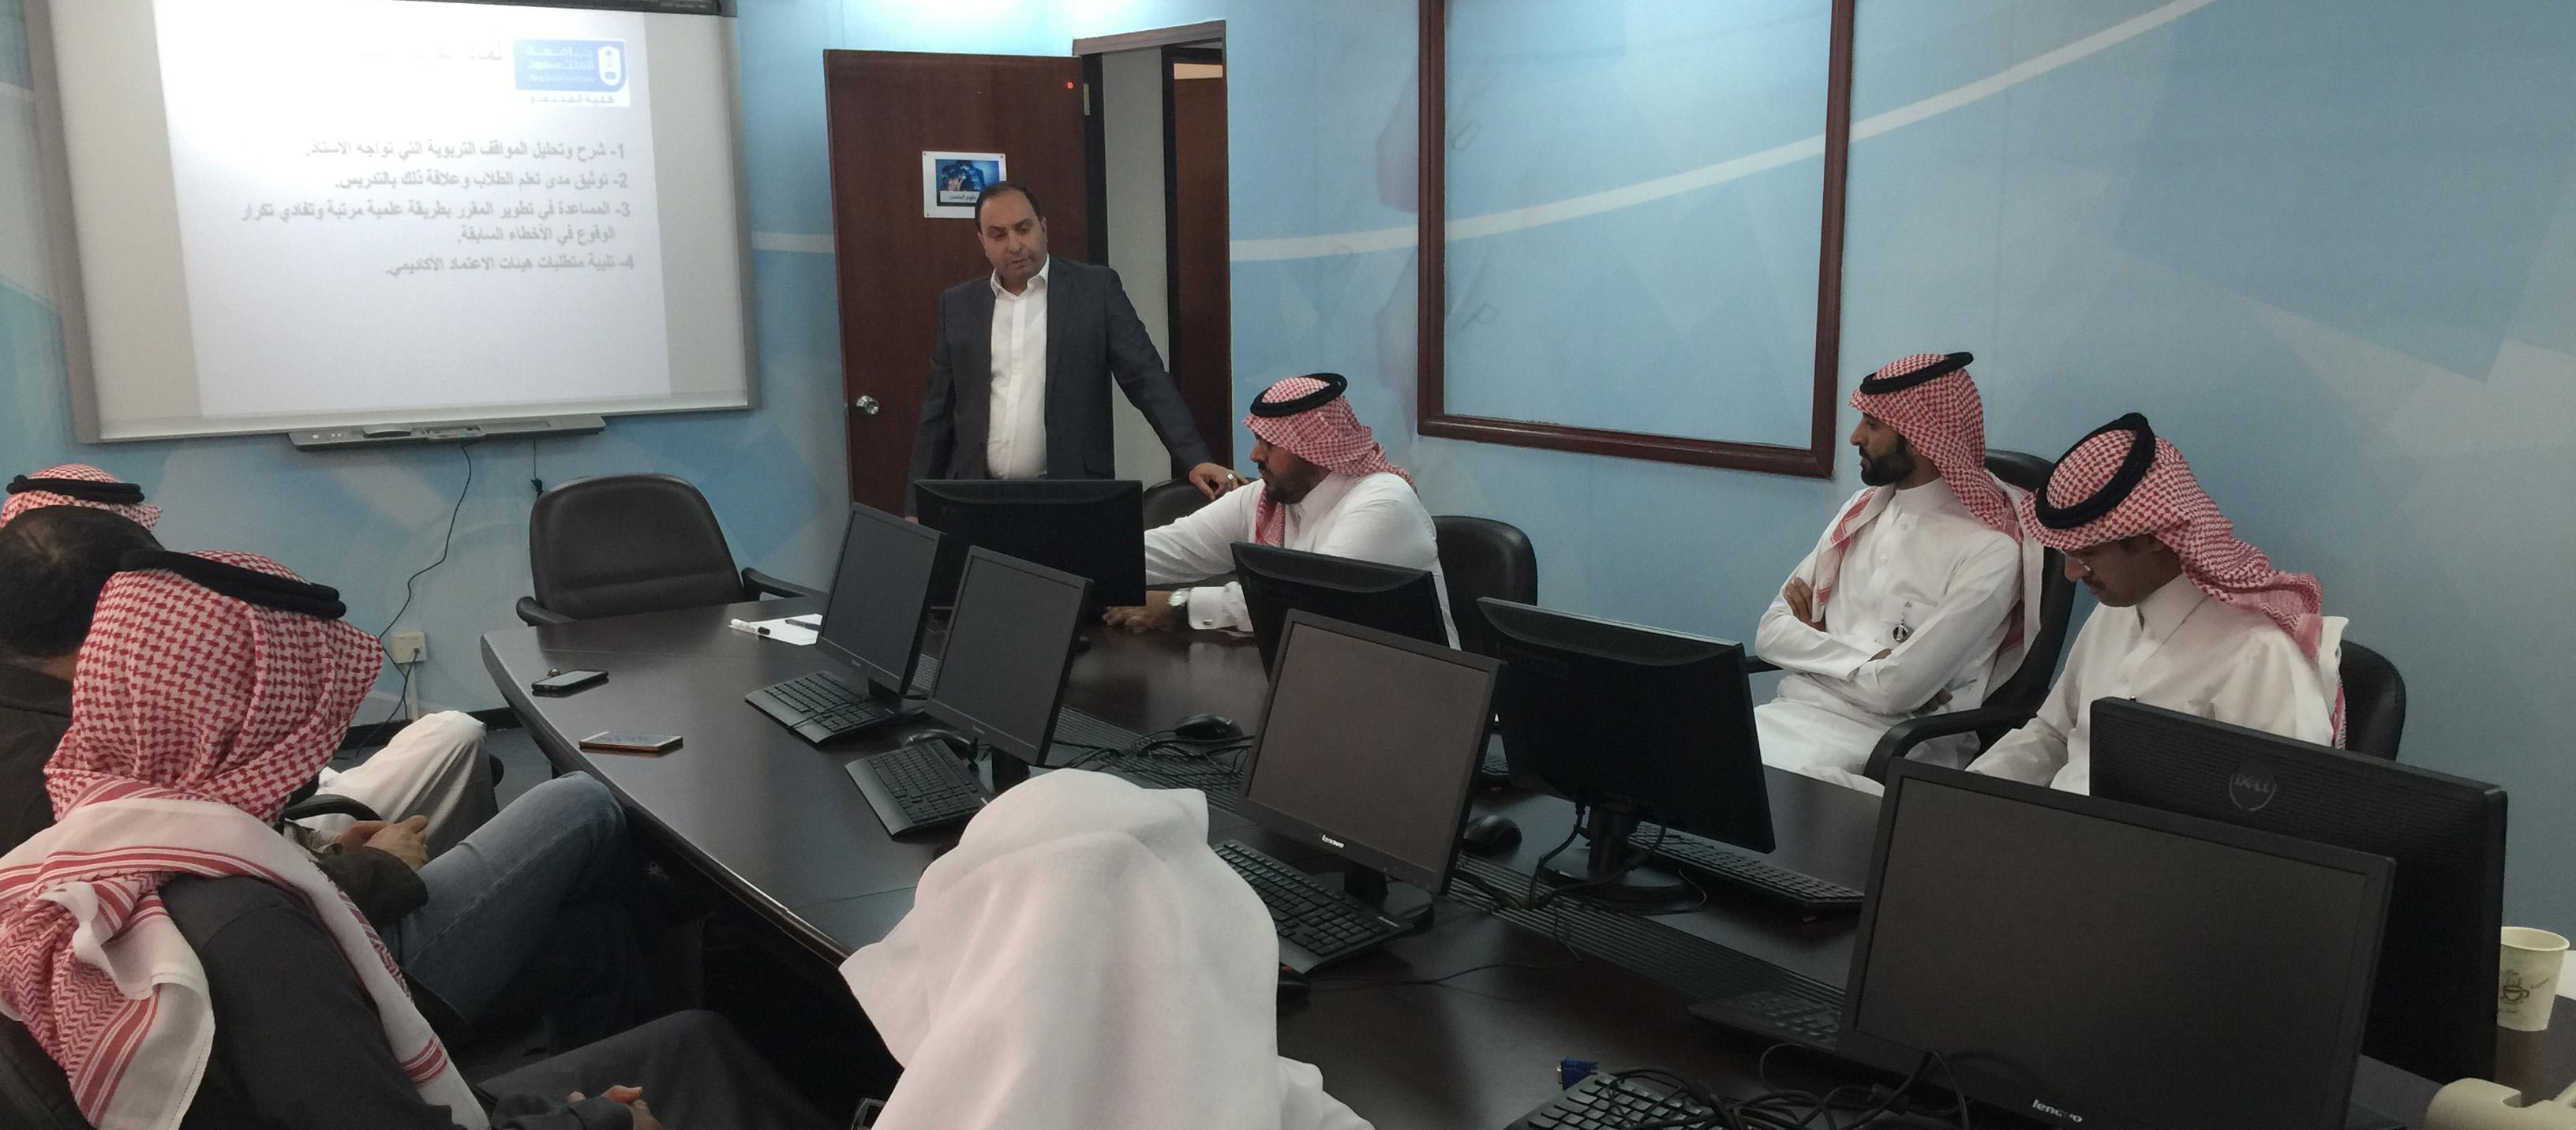 ورشة عمل تقرير المقرر الدراسي - ضمن فعاليات قسم علوم الحاسب...